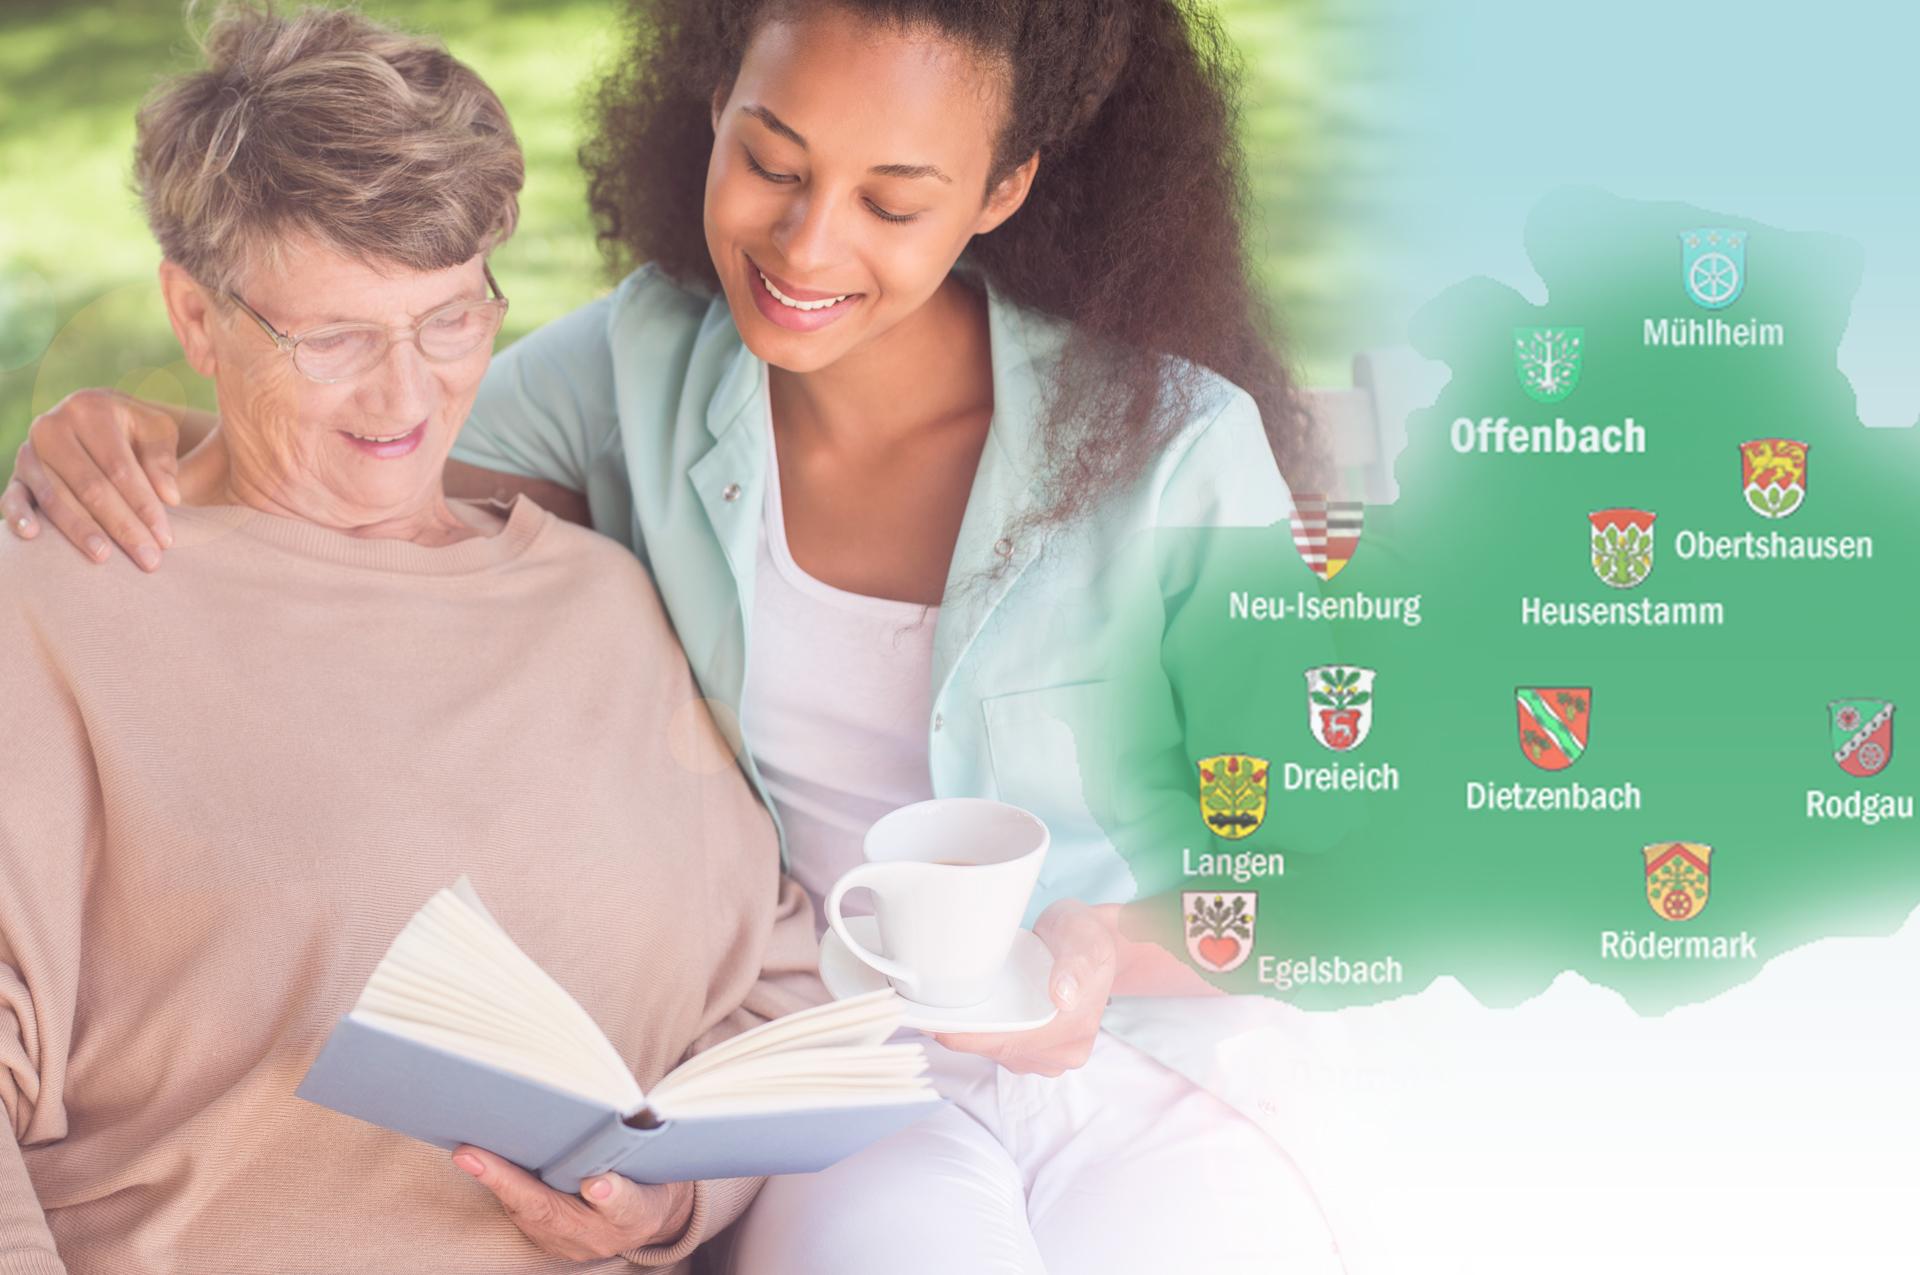 Pflegedienst PROMED Assista - Pflegedienste halten zusammen